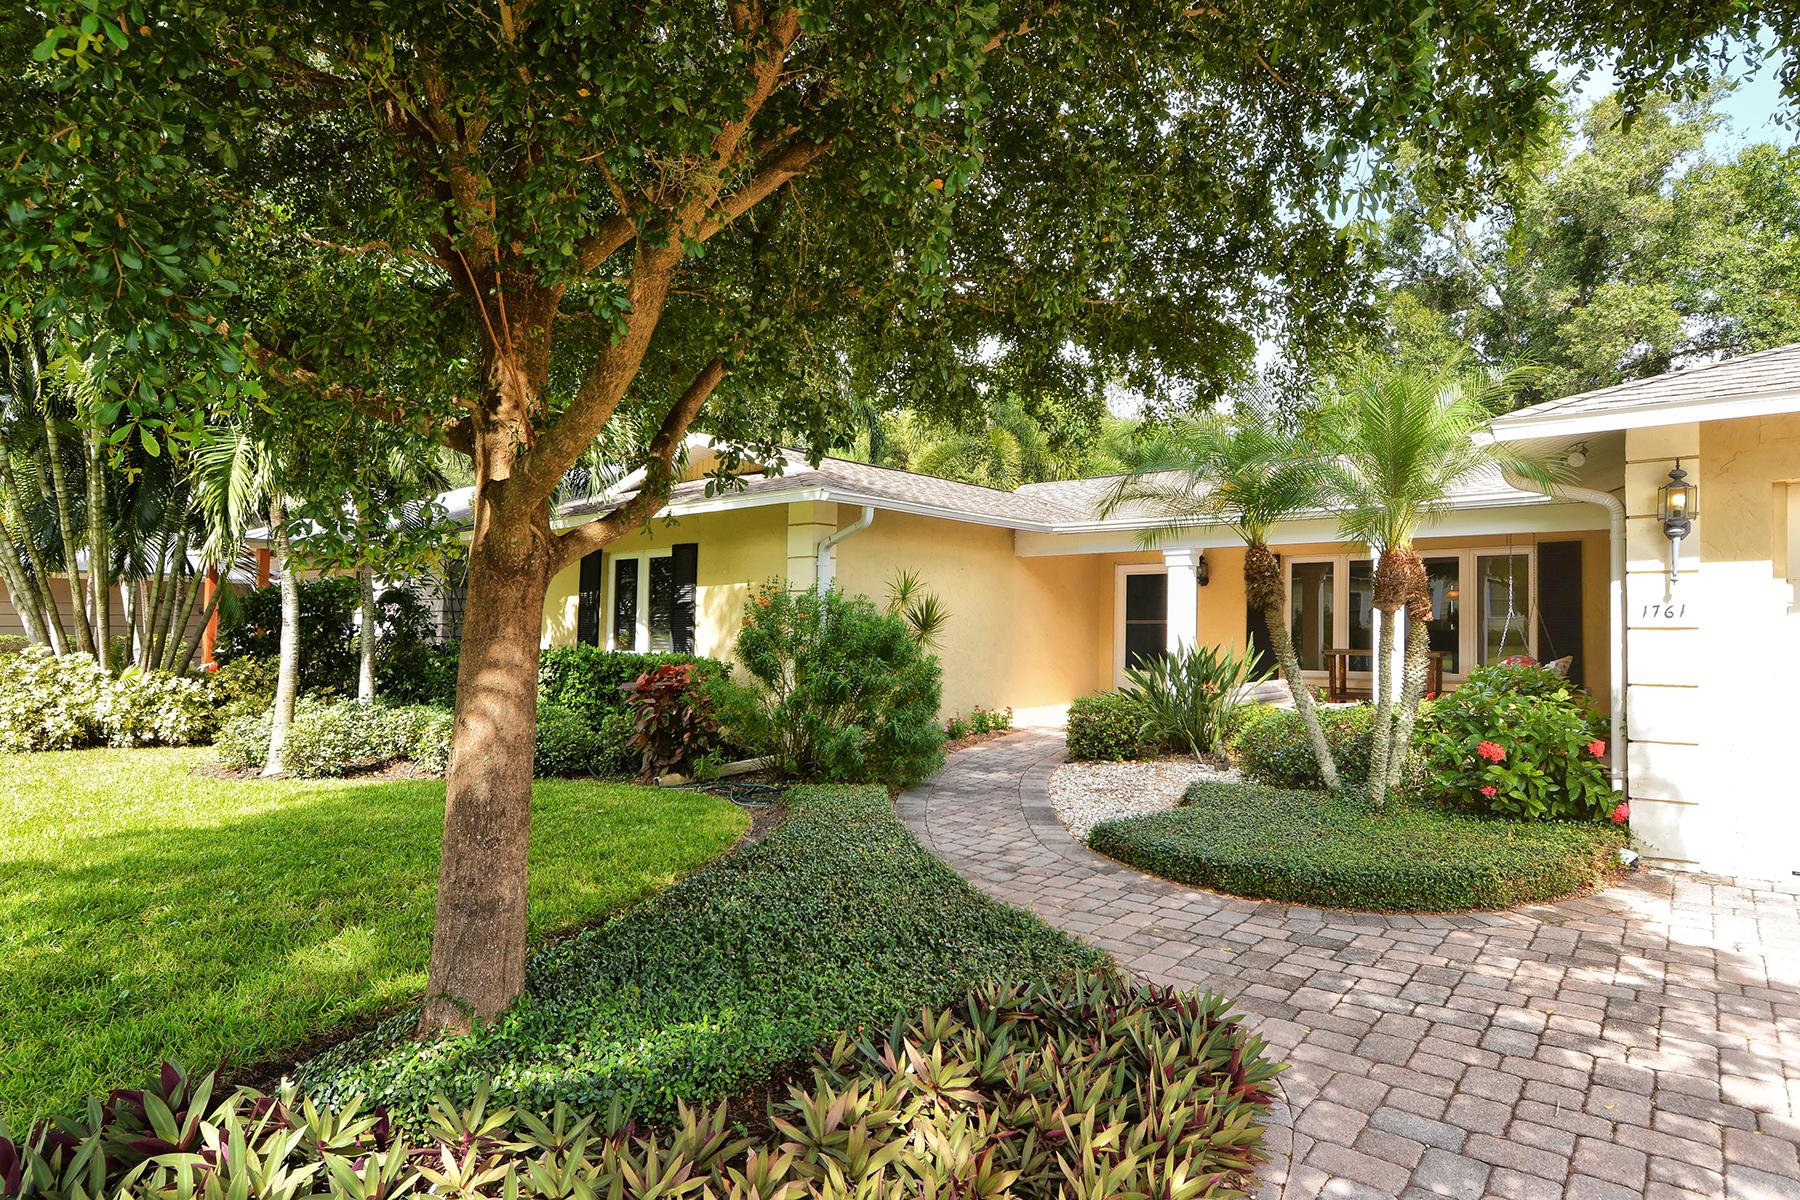 Einfamilienhaus für Verkauf beim RIGBY'S SUB 1761 Irving St Sarasota, Florida 34236 Vereinigte Staaten